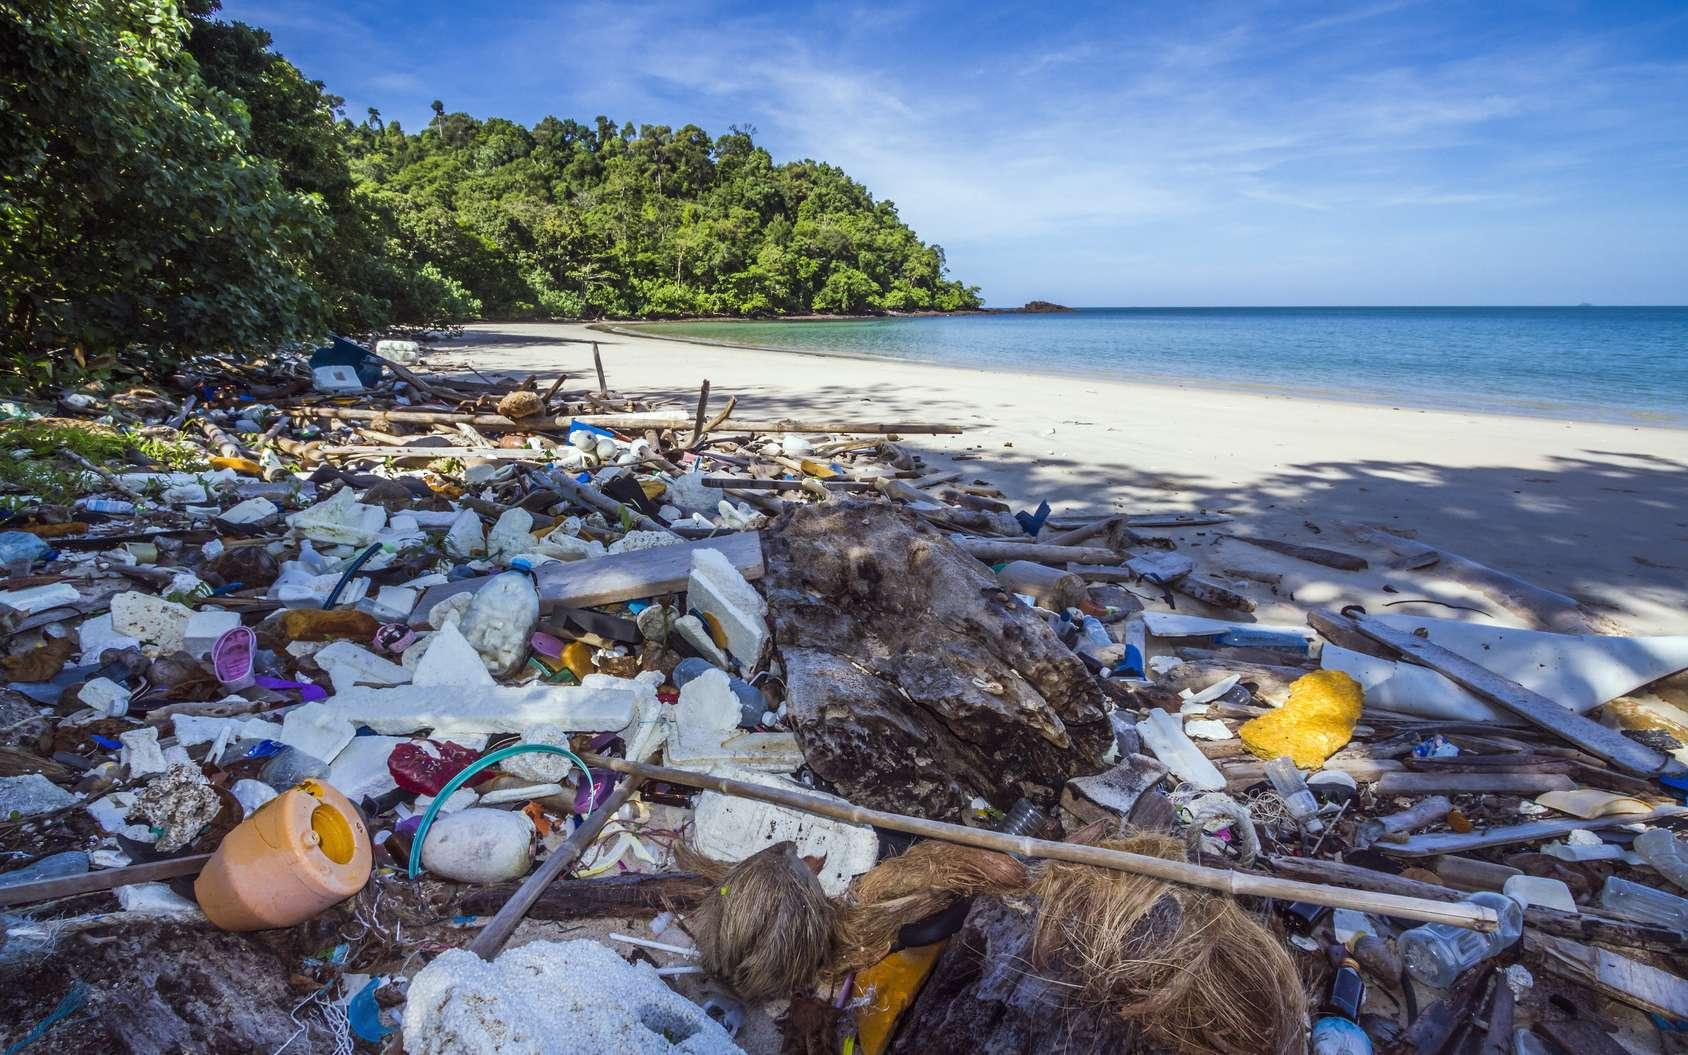 Les déchets plastiques des océans viennent beaucoup des navires marchands et des bateaux de pêche asiatiques. © Utopia, Fotolia